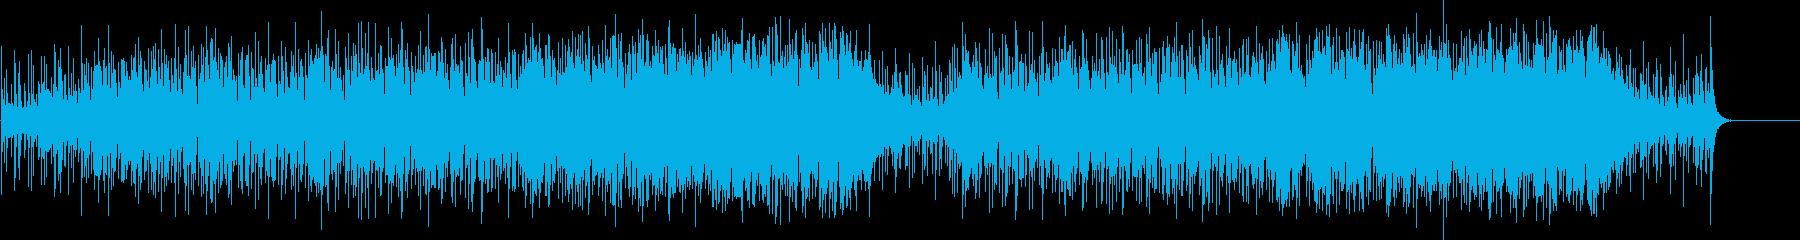 パーカッシブな南米系マイナーフュージョンの再生済みの波形